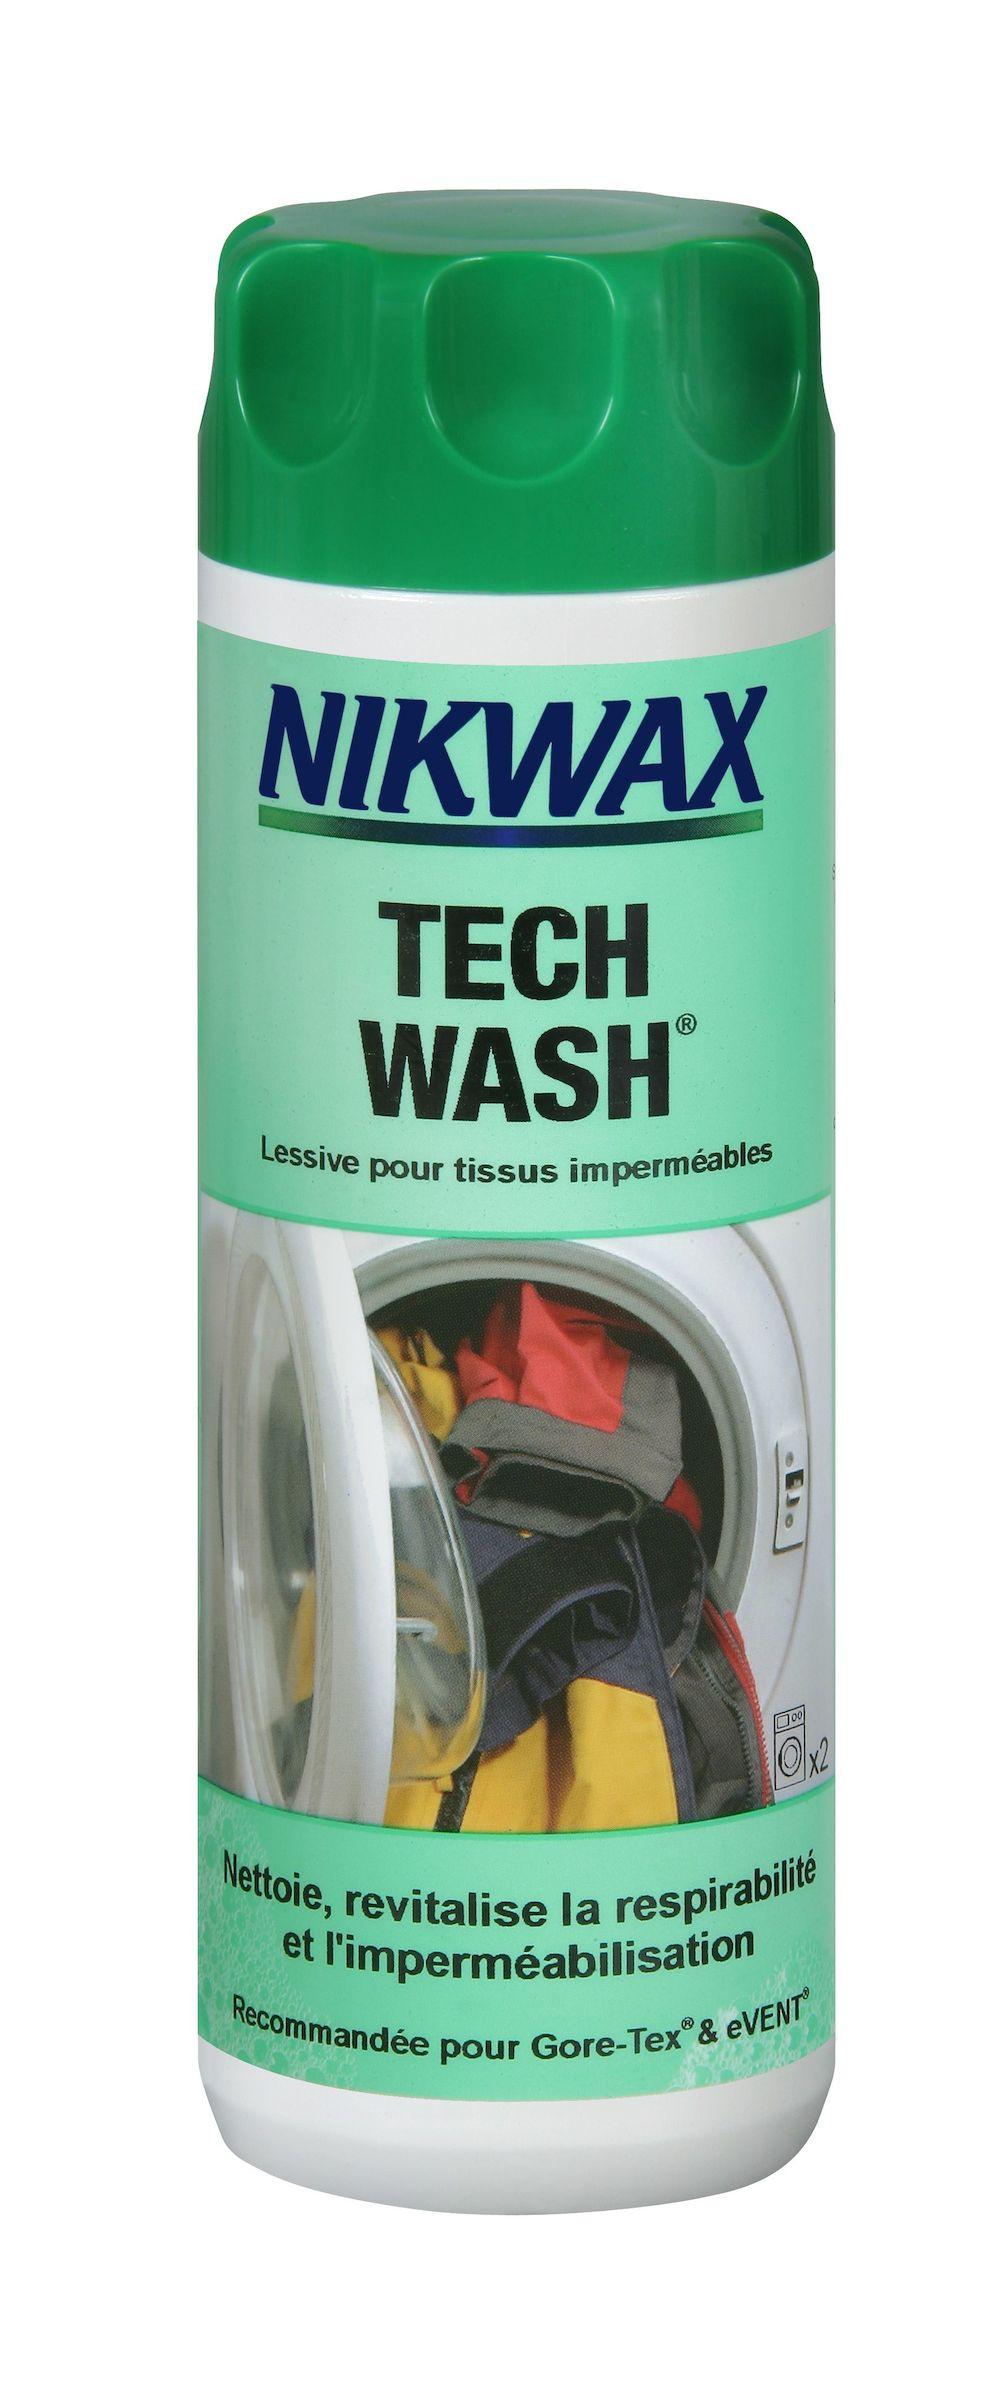 Nikwax - Tech Wash 300 ml